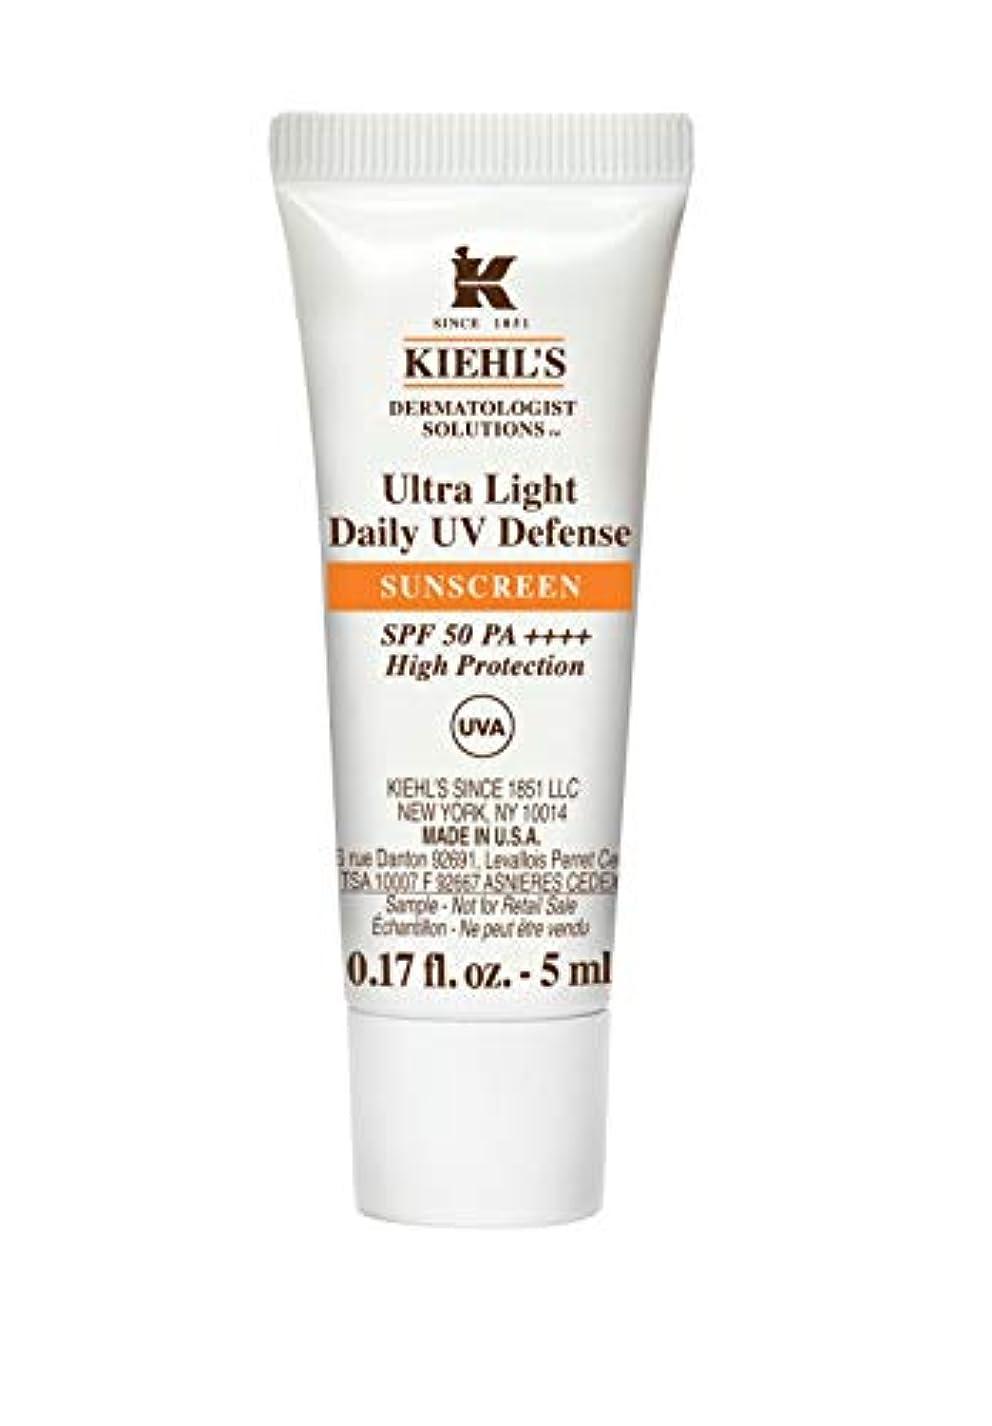 解凍する、雪解け、霜解け巨大パントリーKiehl's(キールズ) キールズ UVディフェンス 5mL / KIEHL'S Ultra Light Daily UV Defense Sunscreen SPF 50 PA++++